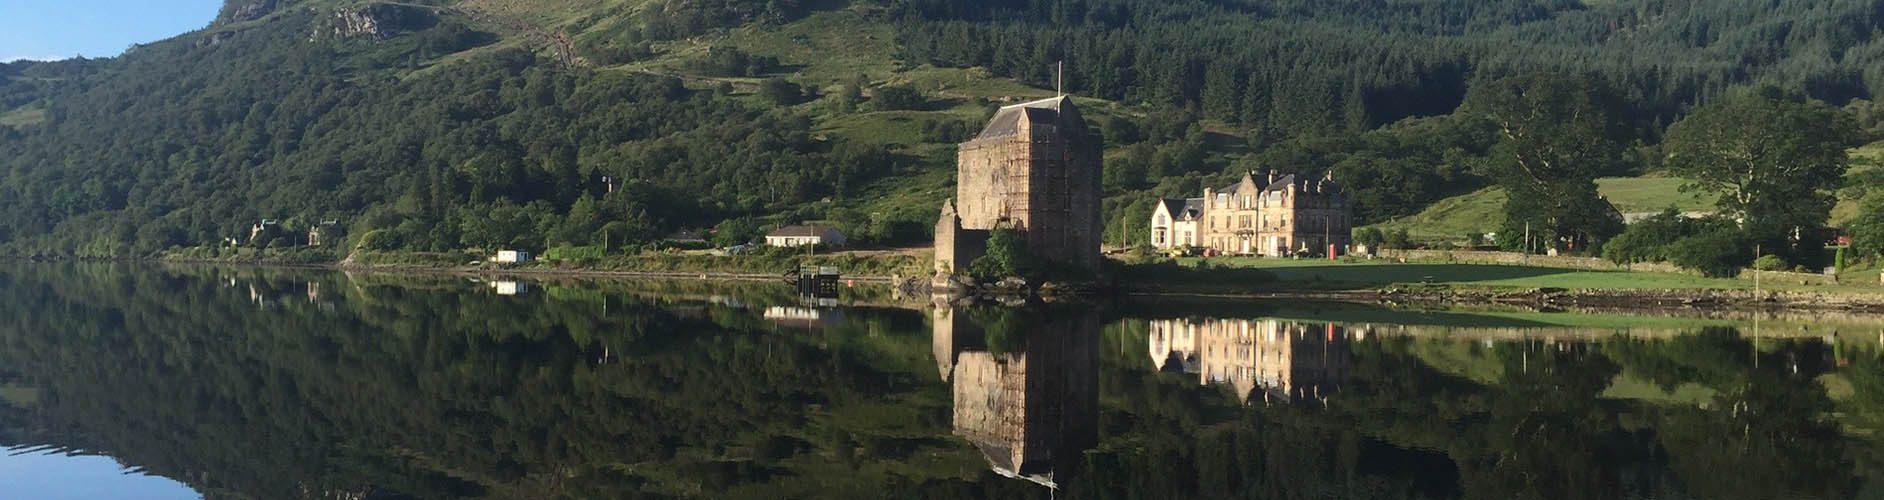 Mini-break Cruises in Scotland